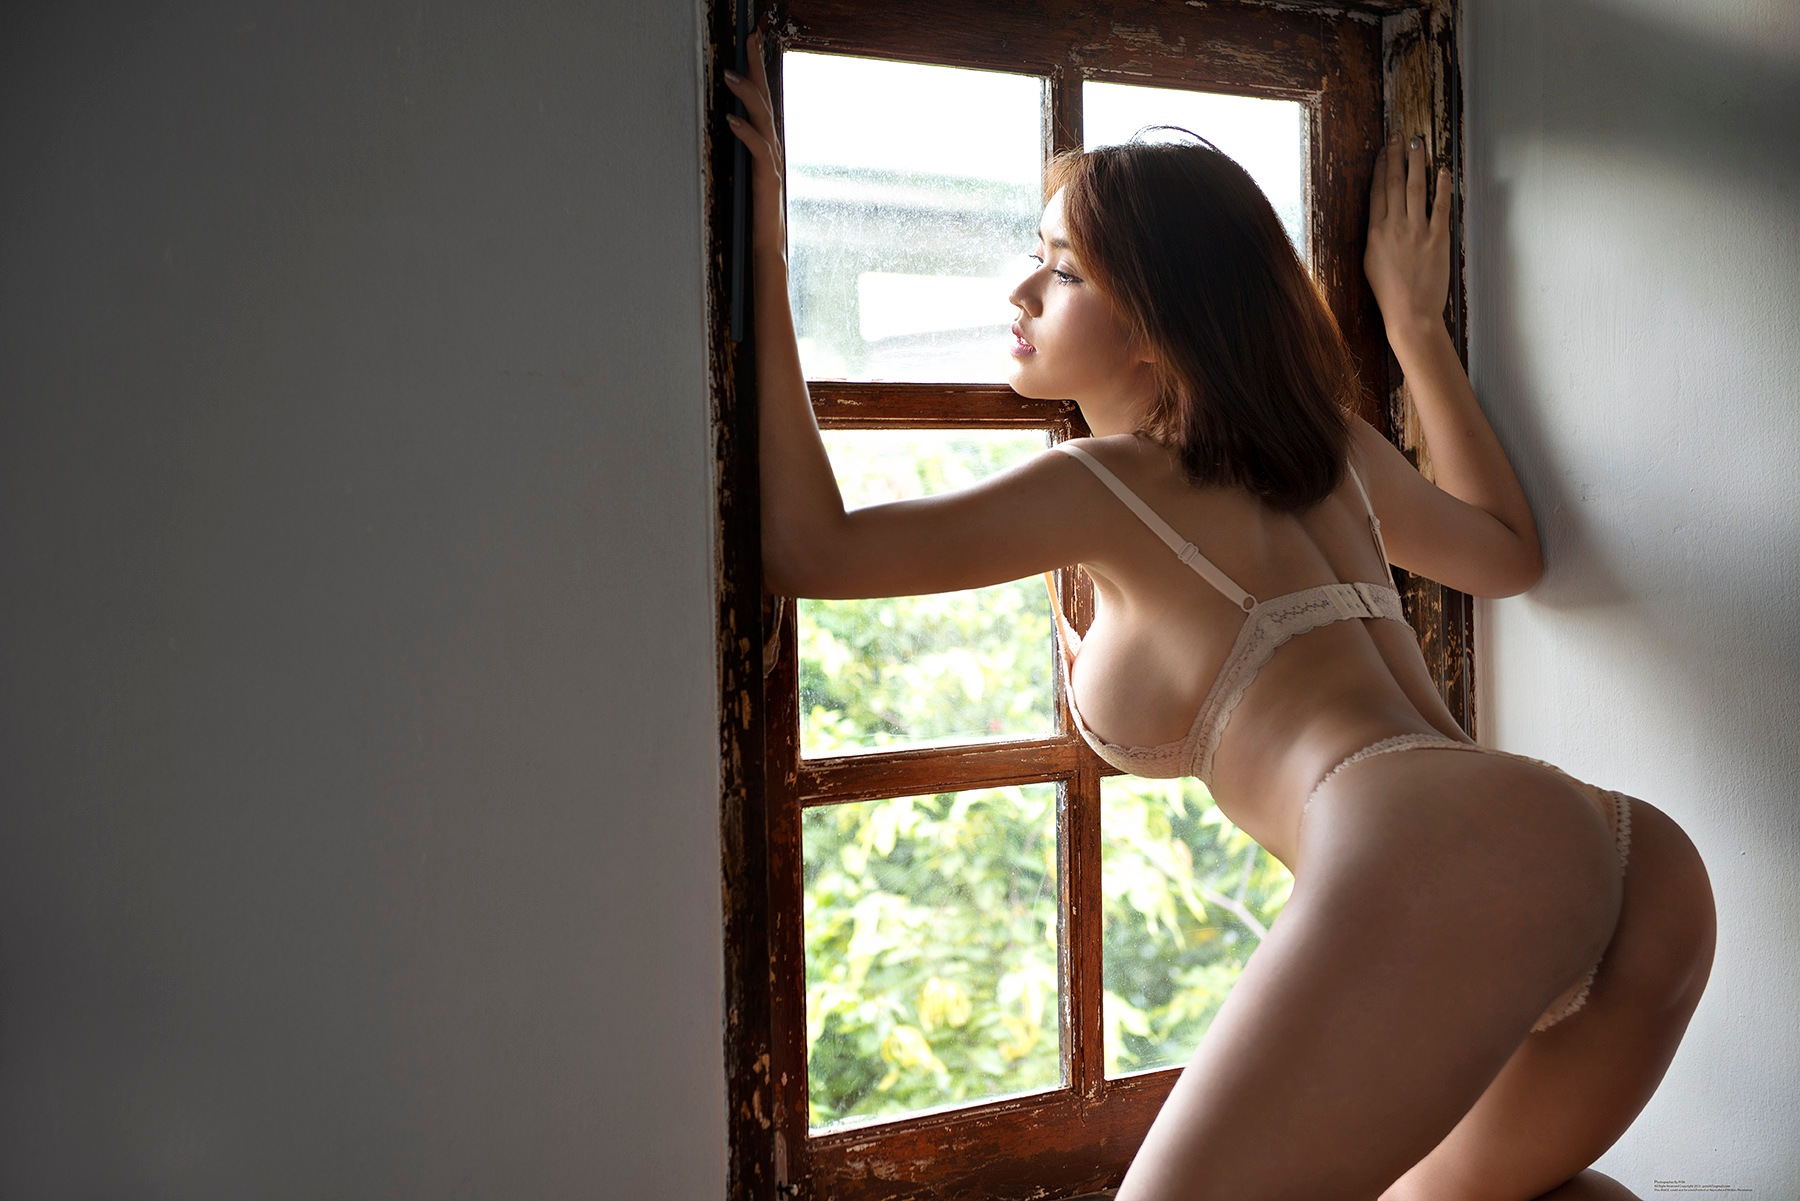 วันนี้ฝนตก ไหลลงที่หน้าต่าง เธอคิดถึงฉันบ้าง ไหมหนอเธอ by pongsak.rattana.5